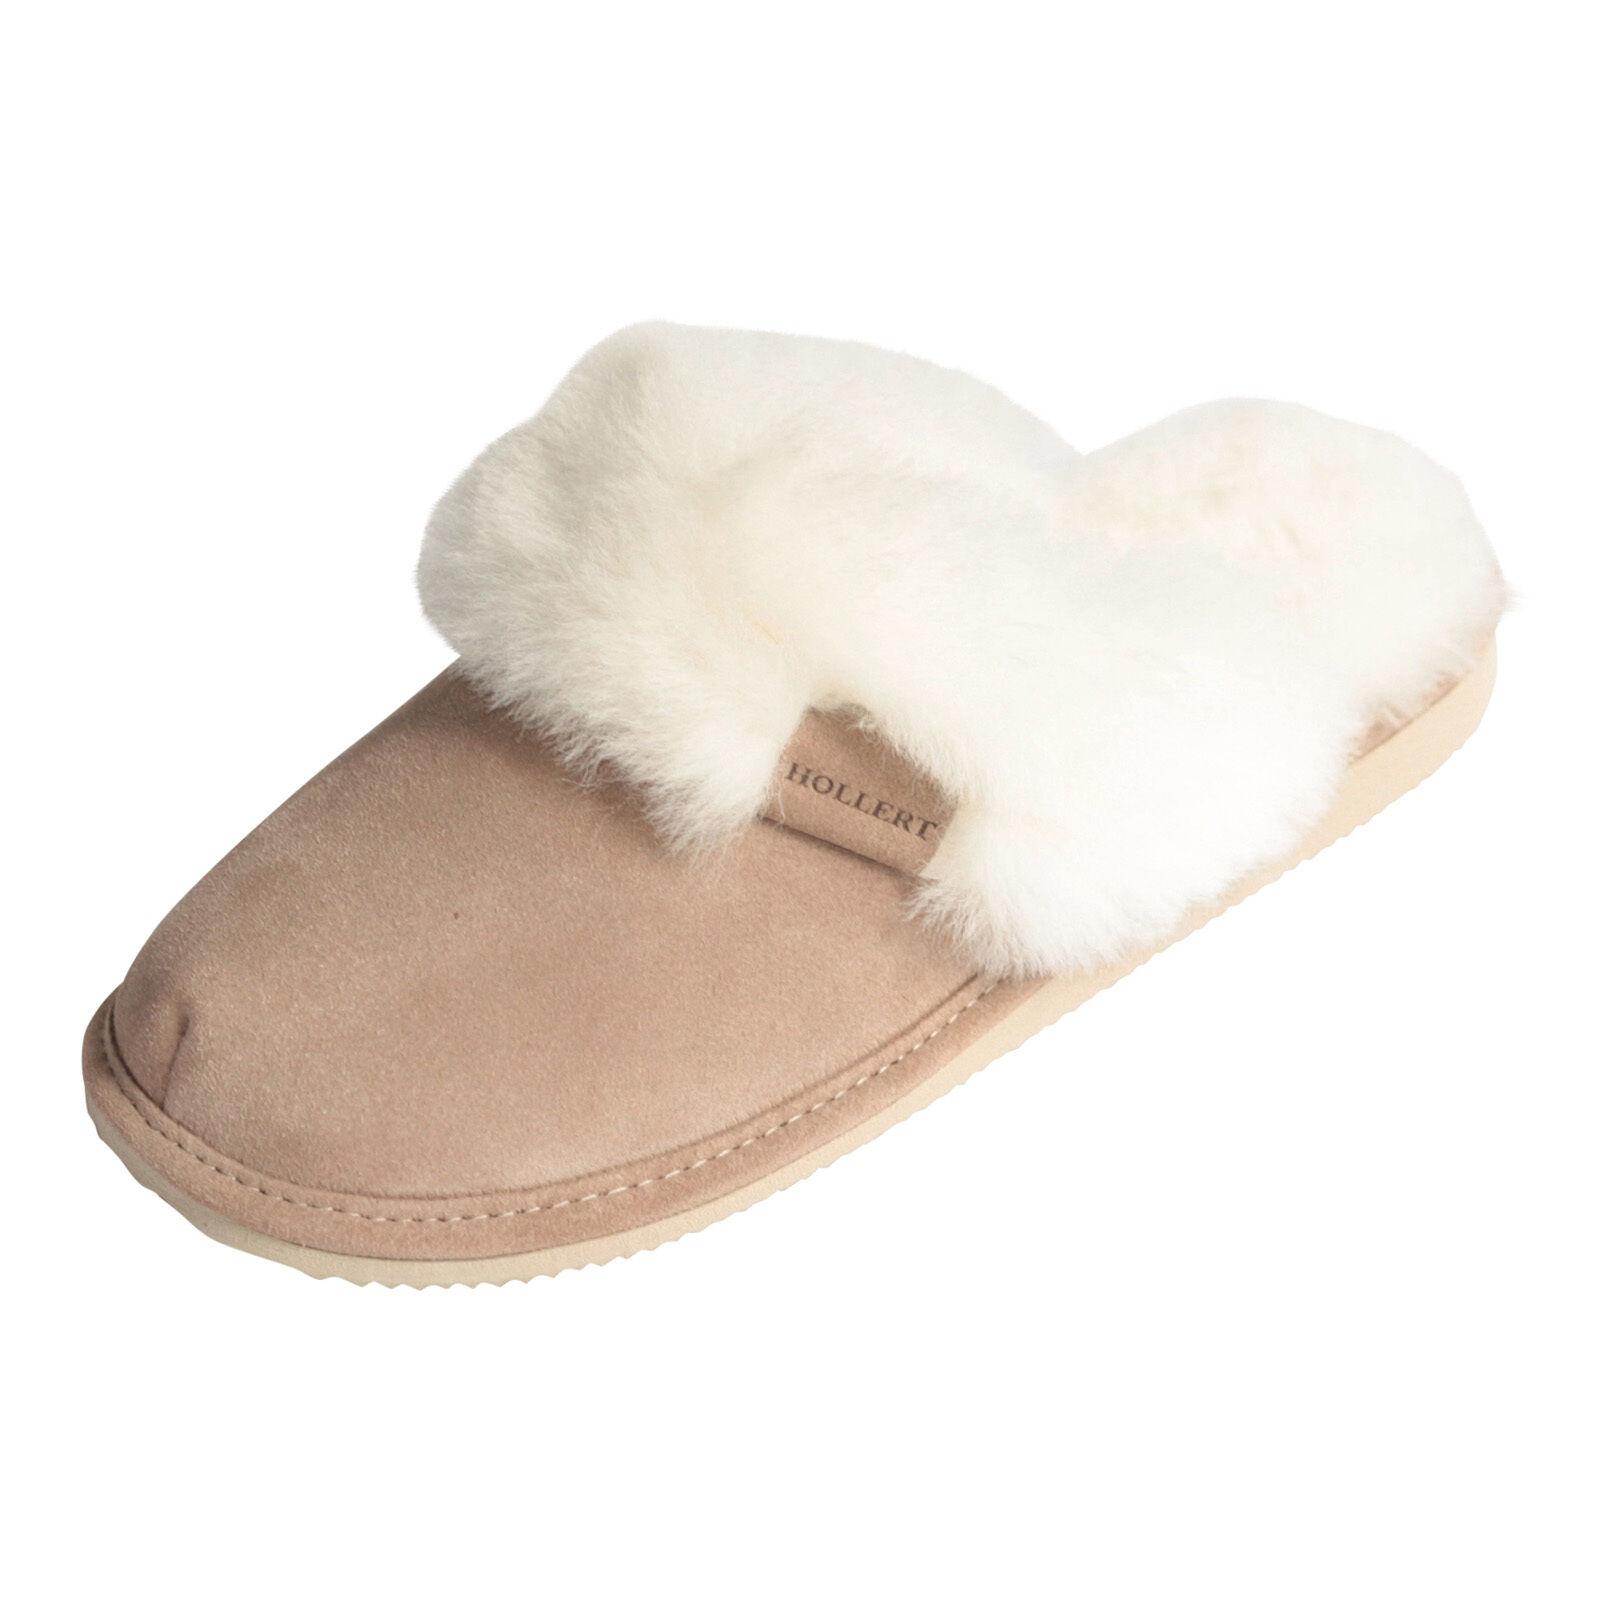 Pantofole in MALIBU pelle di agnello MALIBU MALIBU MALIBU in BIANCO pelliccia   8e4a42